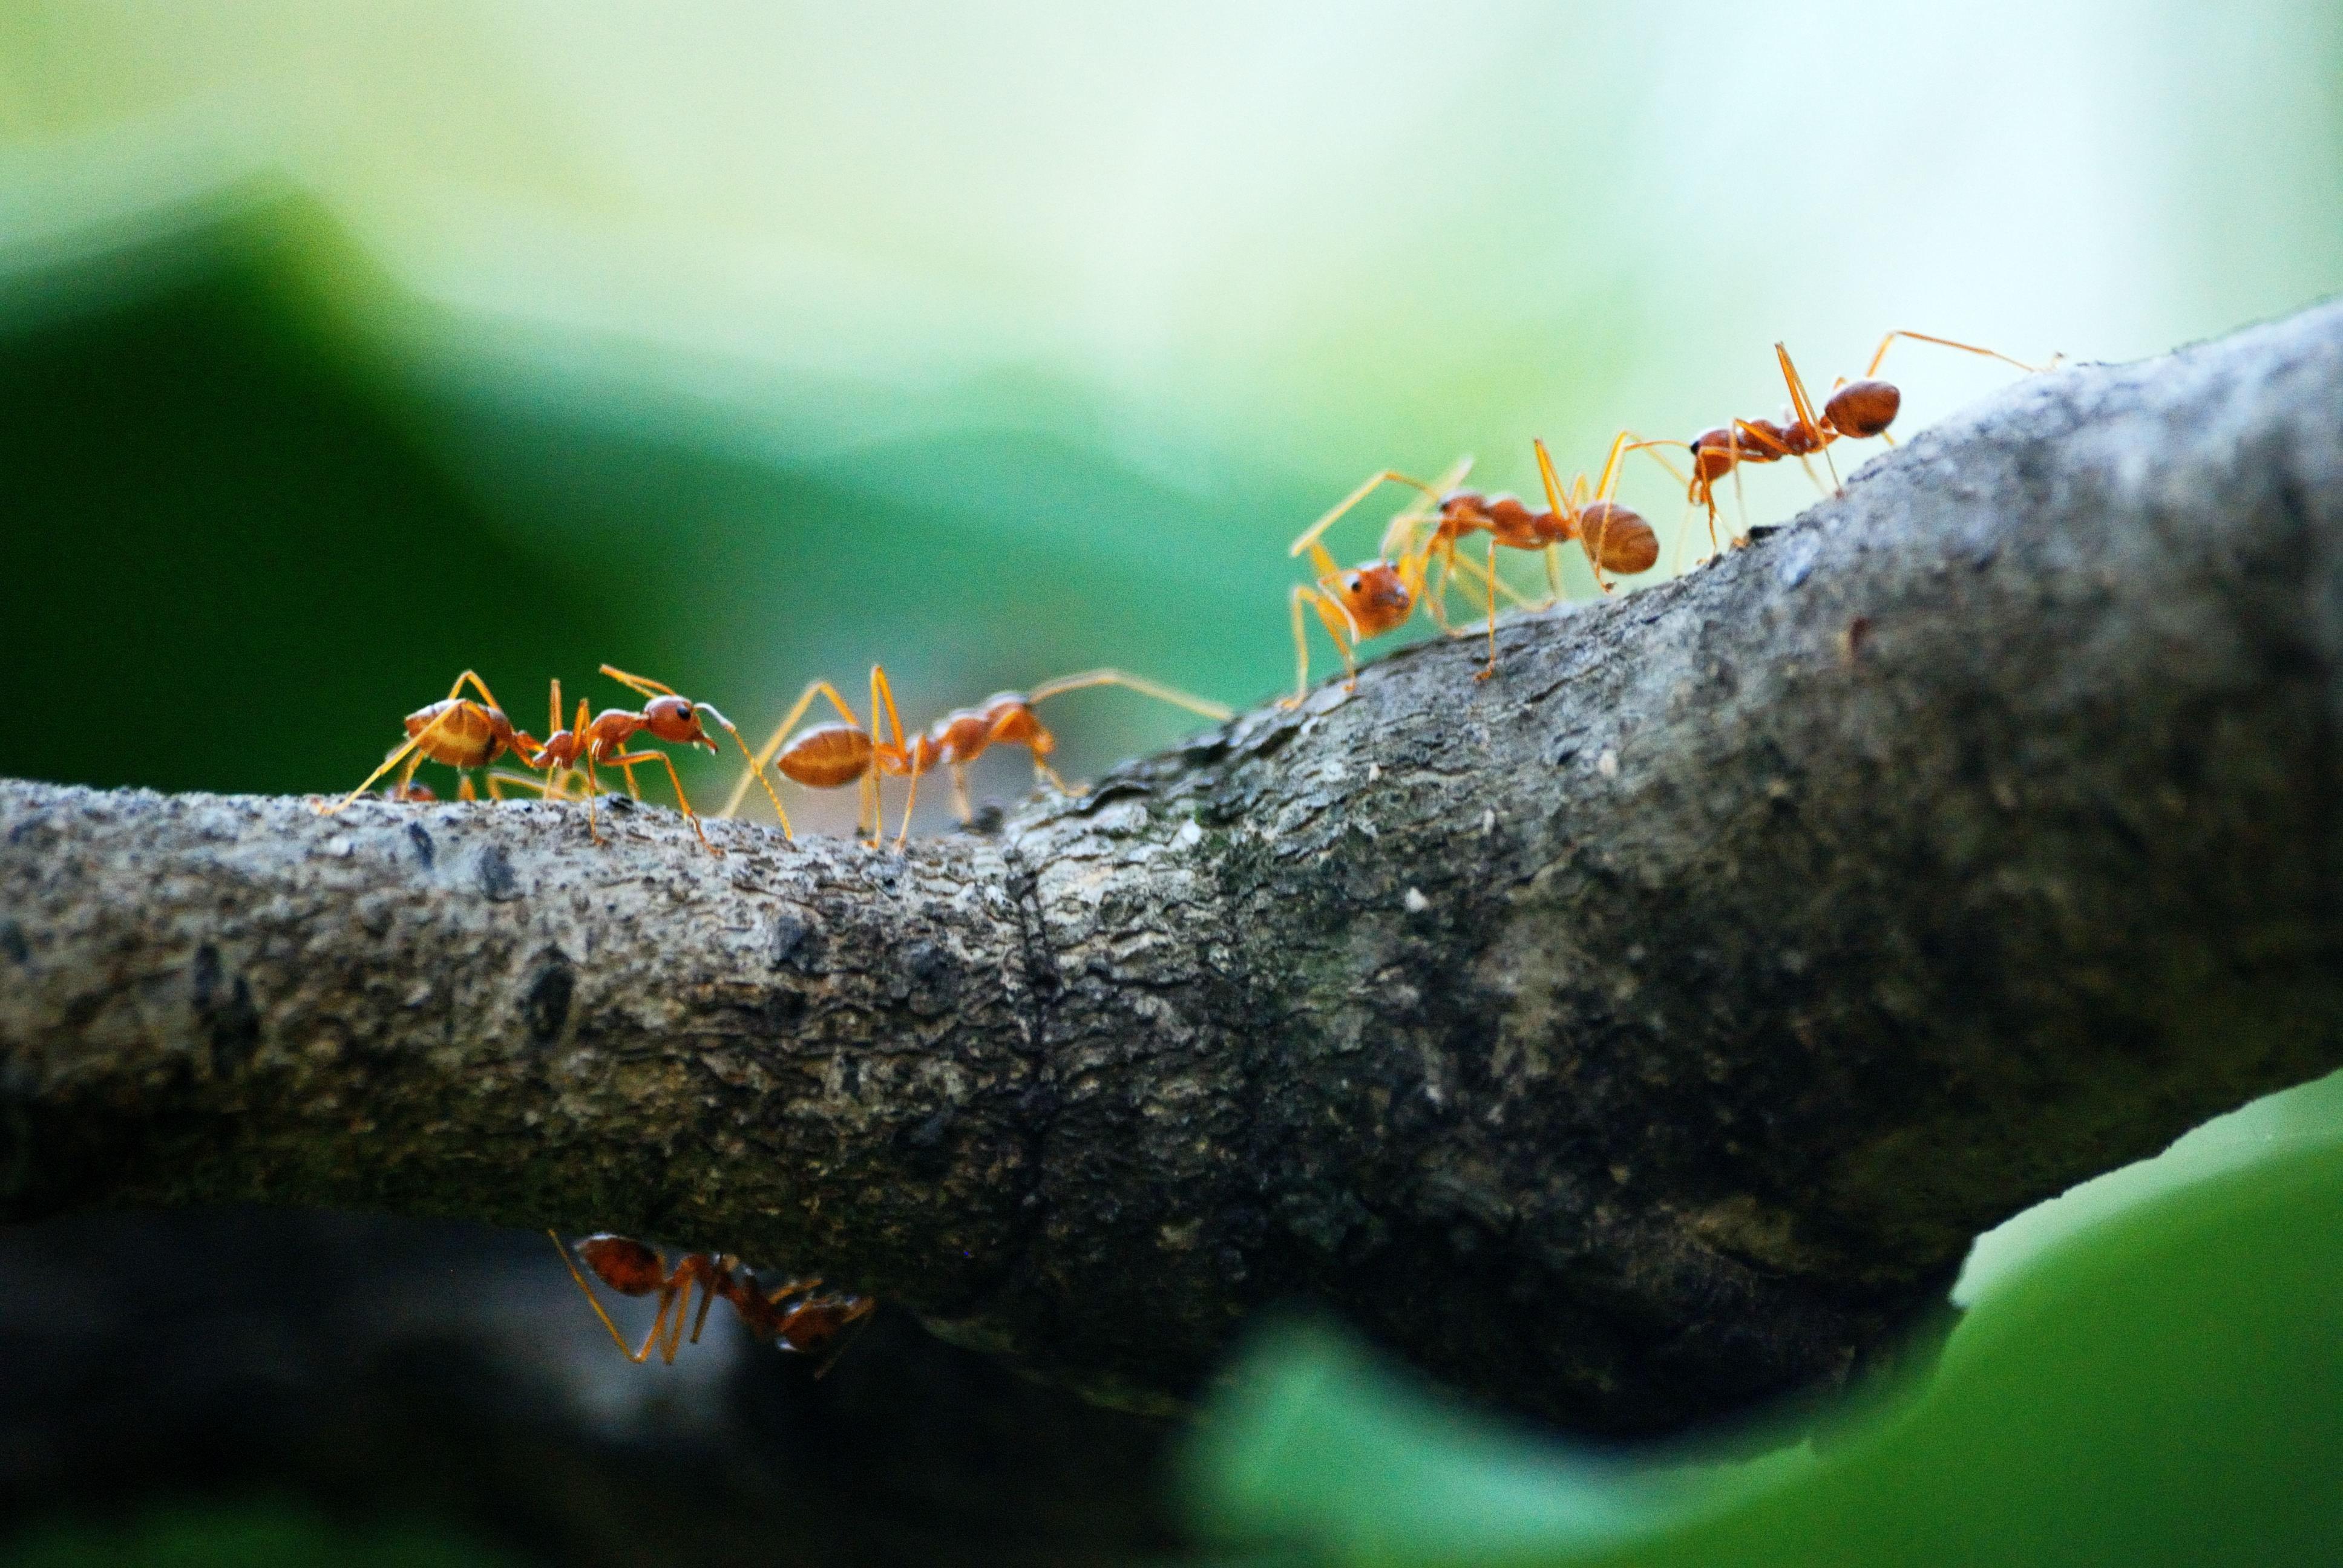 並非毫無貢獻的懶惰螞蟻